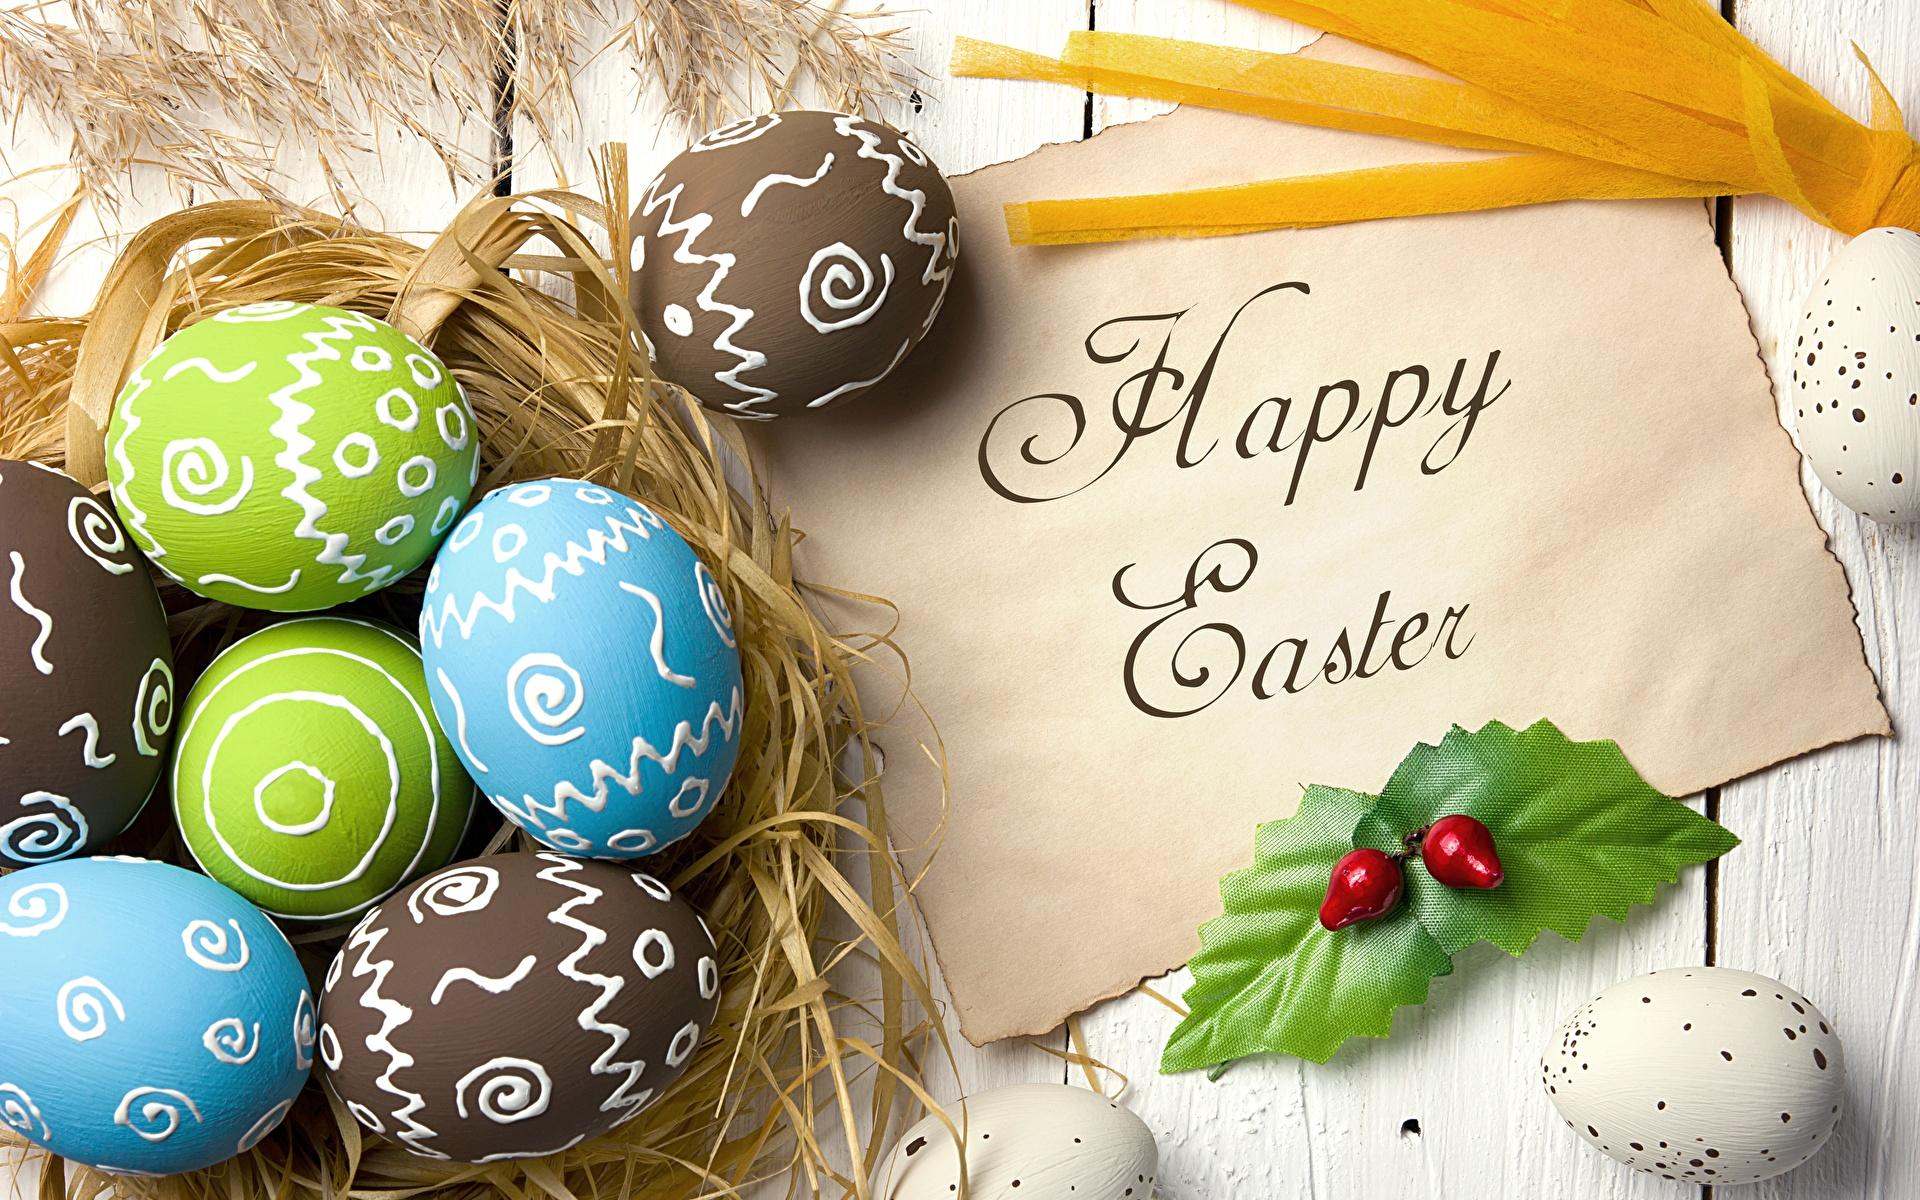 Фотография Пасха Английский яйцо текст 1920x1200 английская инглийские яиц Яйца яйцами слова Слово - Надпись